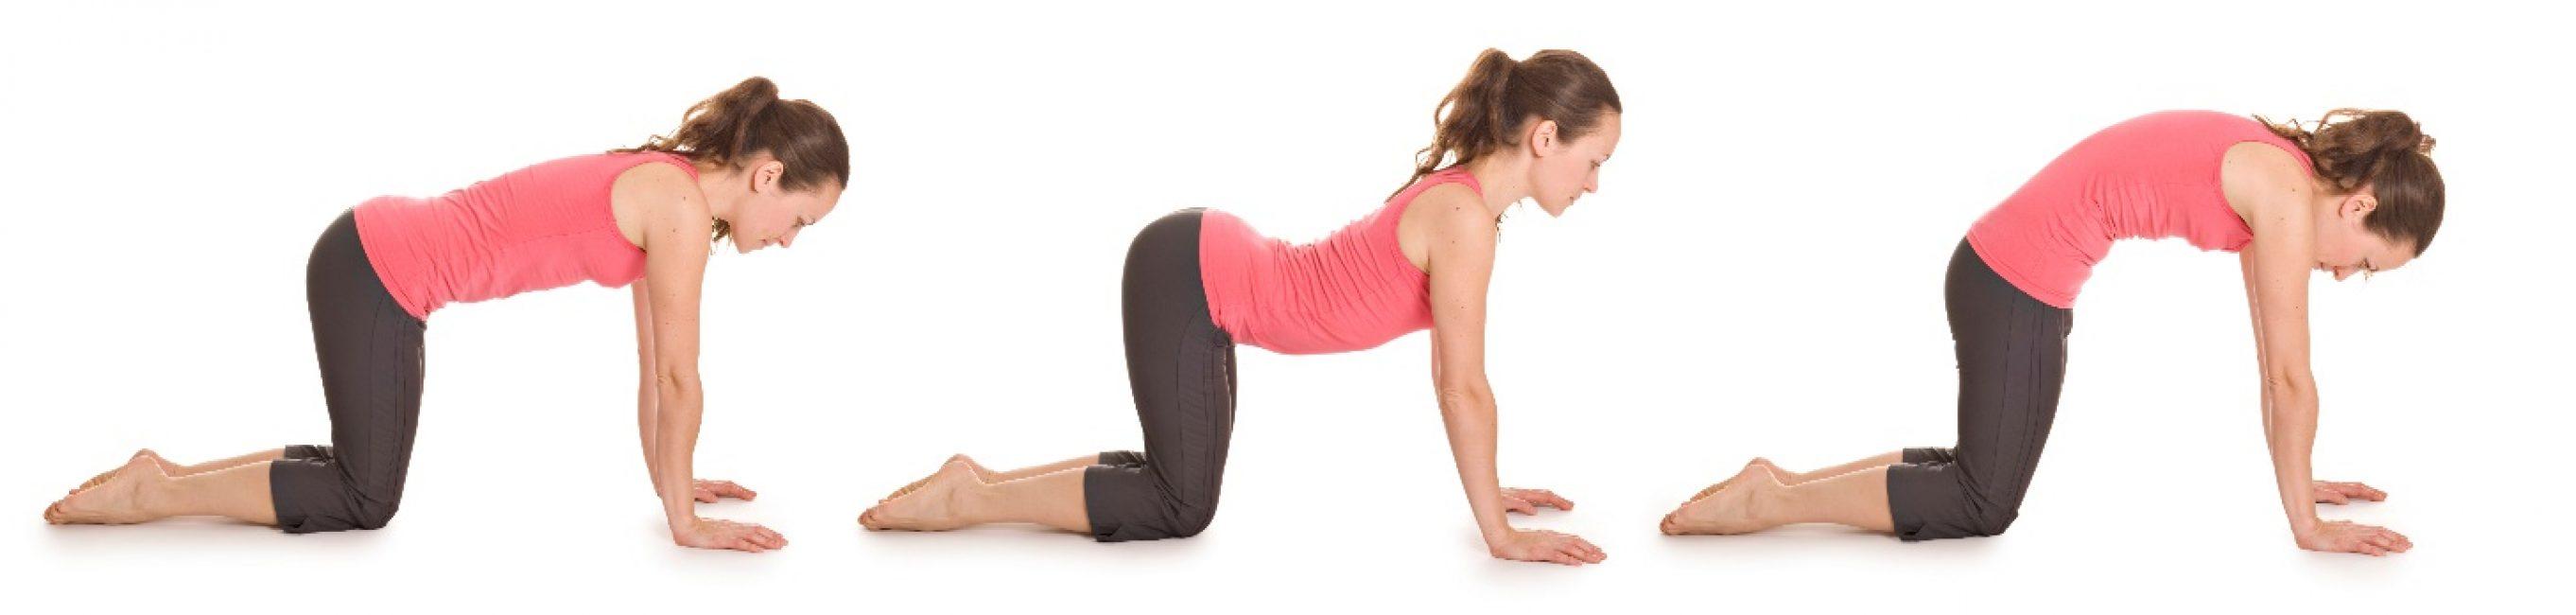 Упражнение «Кошка» помогает в устранении боли в позвоночнике, животе и груди